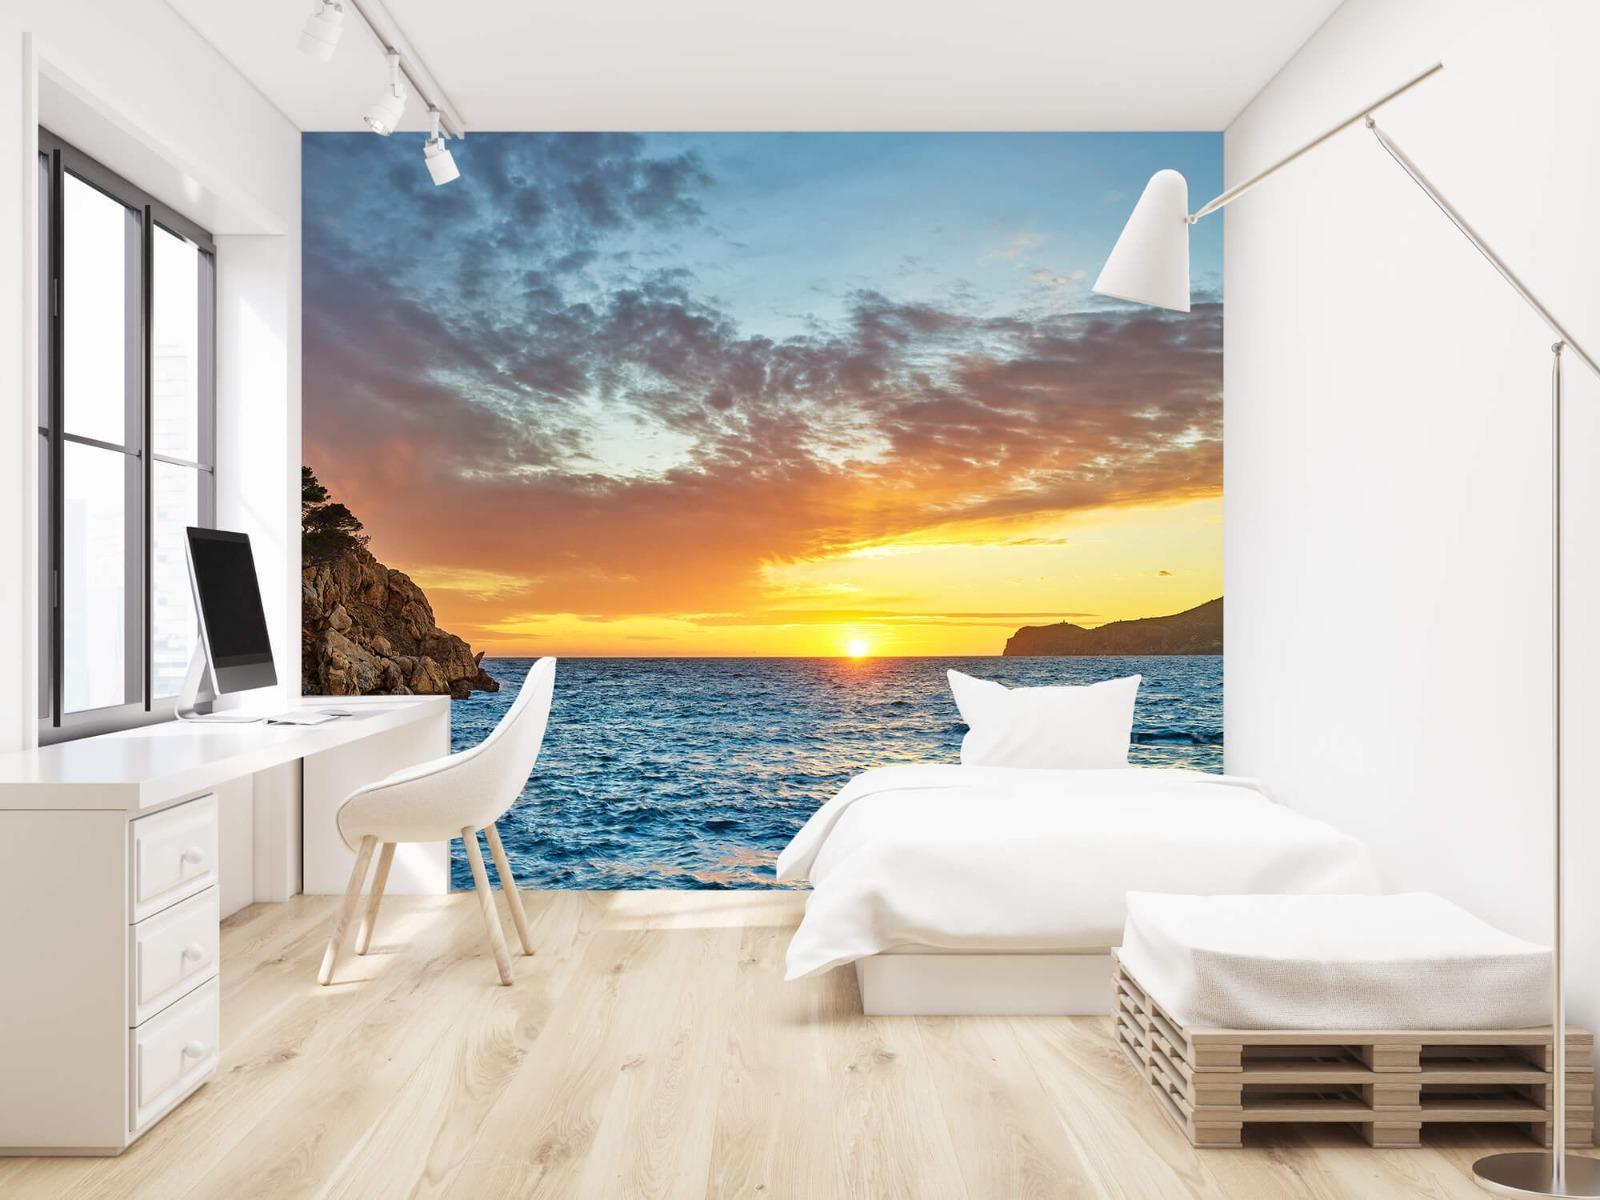 Zon - Zonsondergang op een eiland - Slaapkamer 22